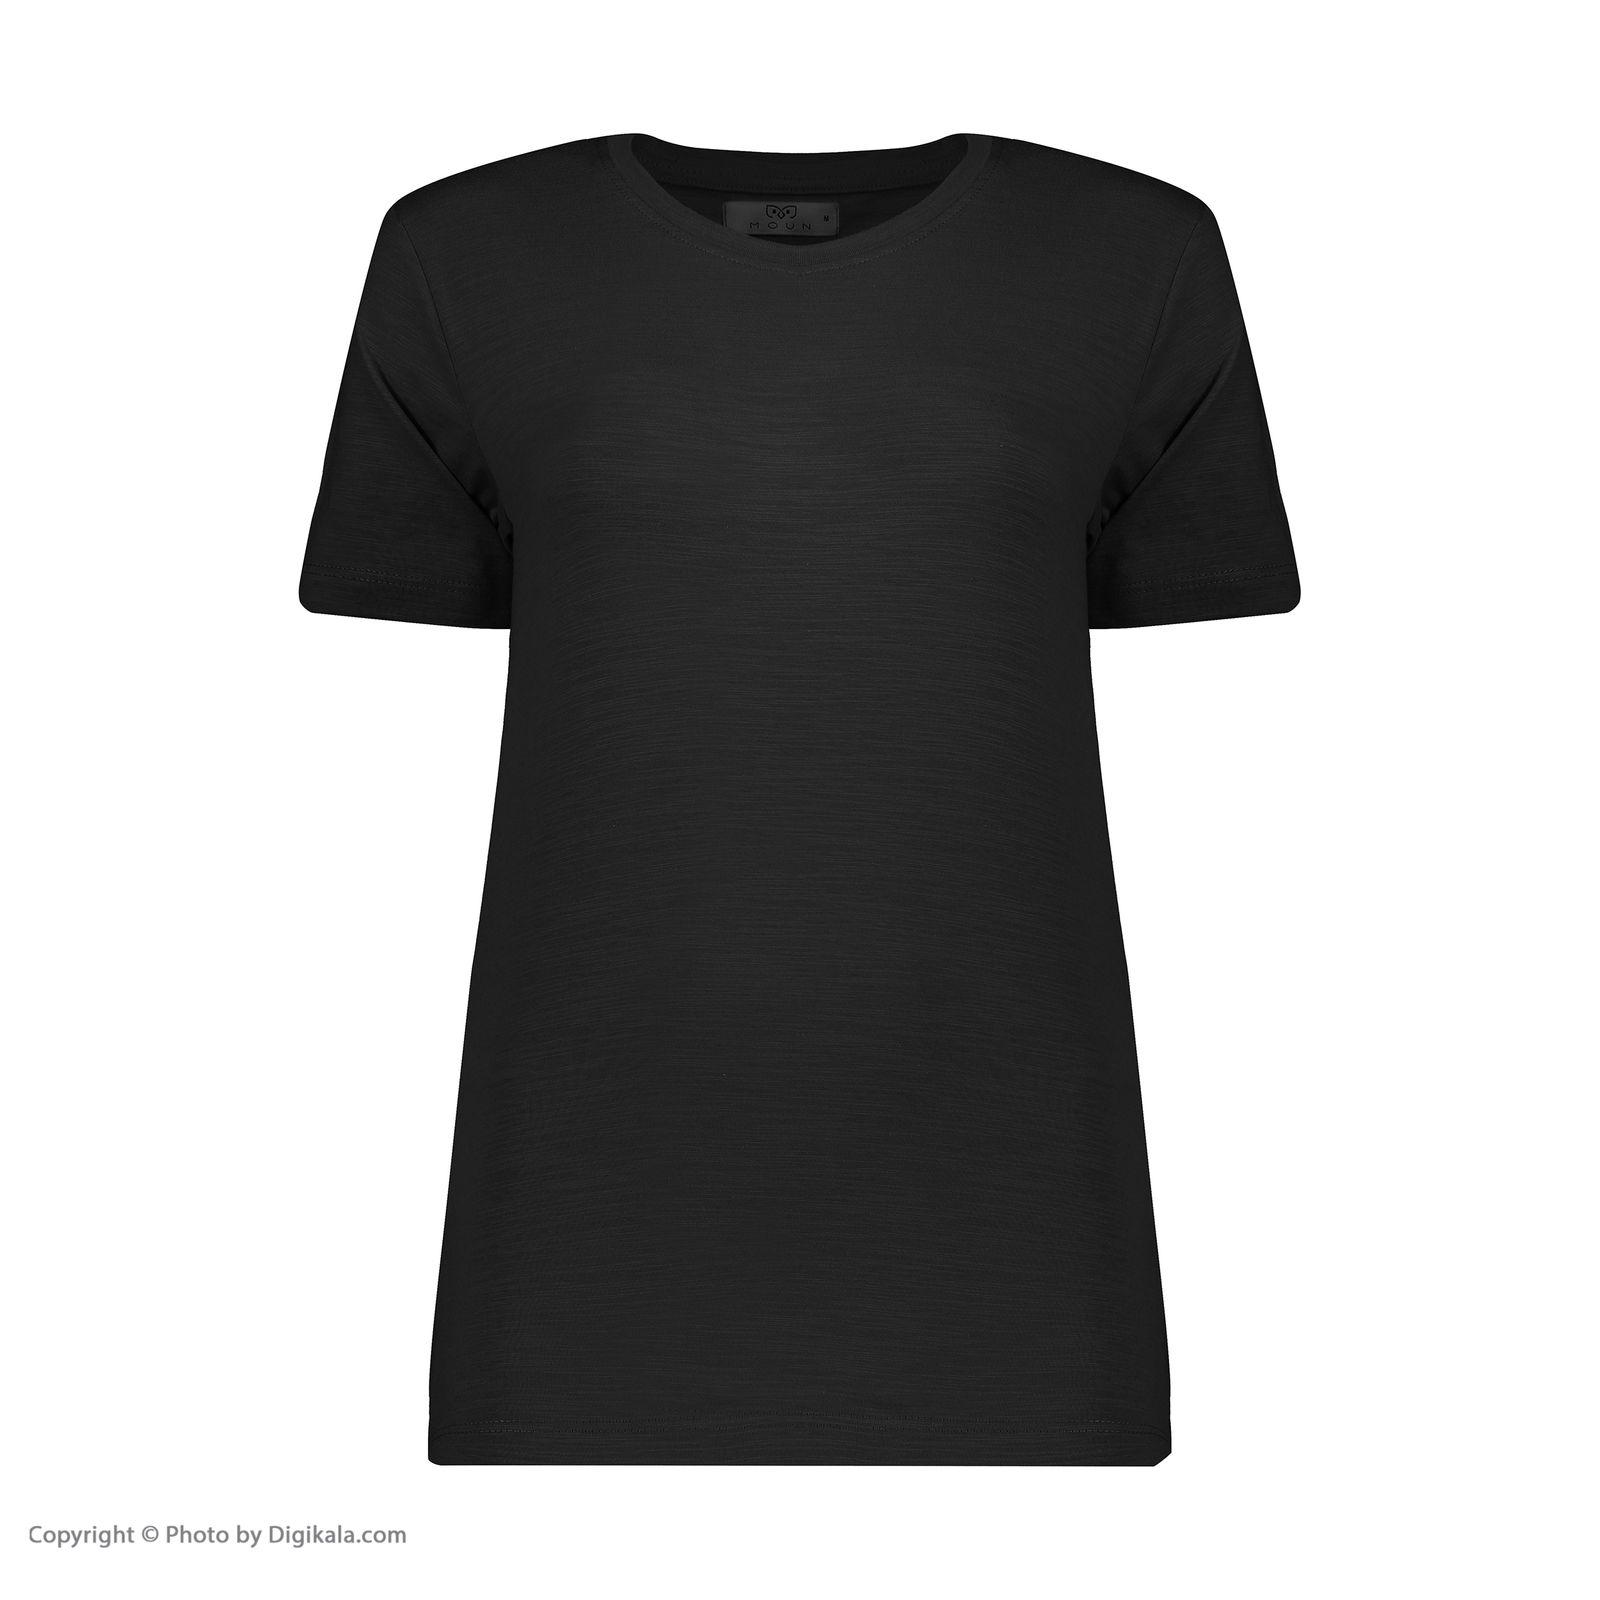 تصویر تی شرت زنانه مون مدل 163113999